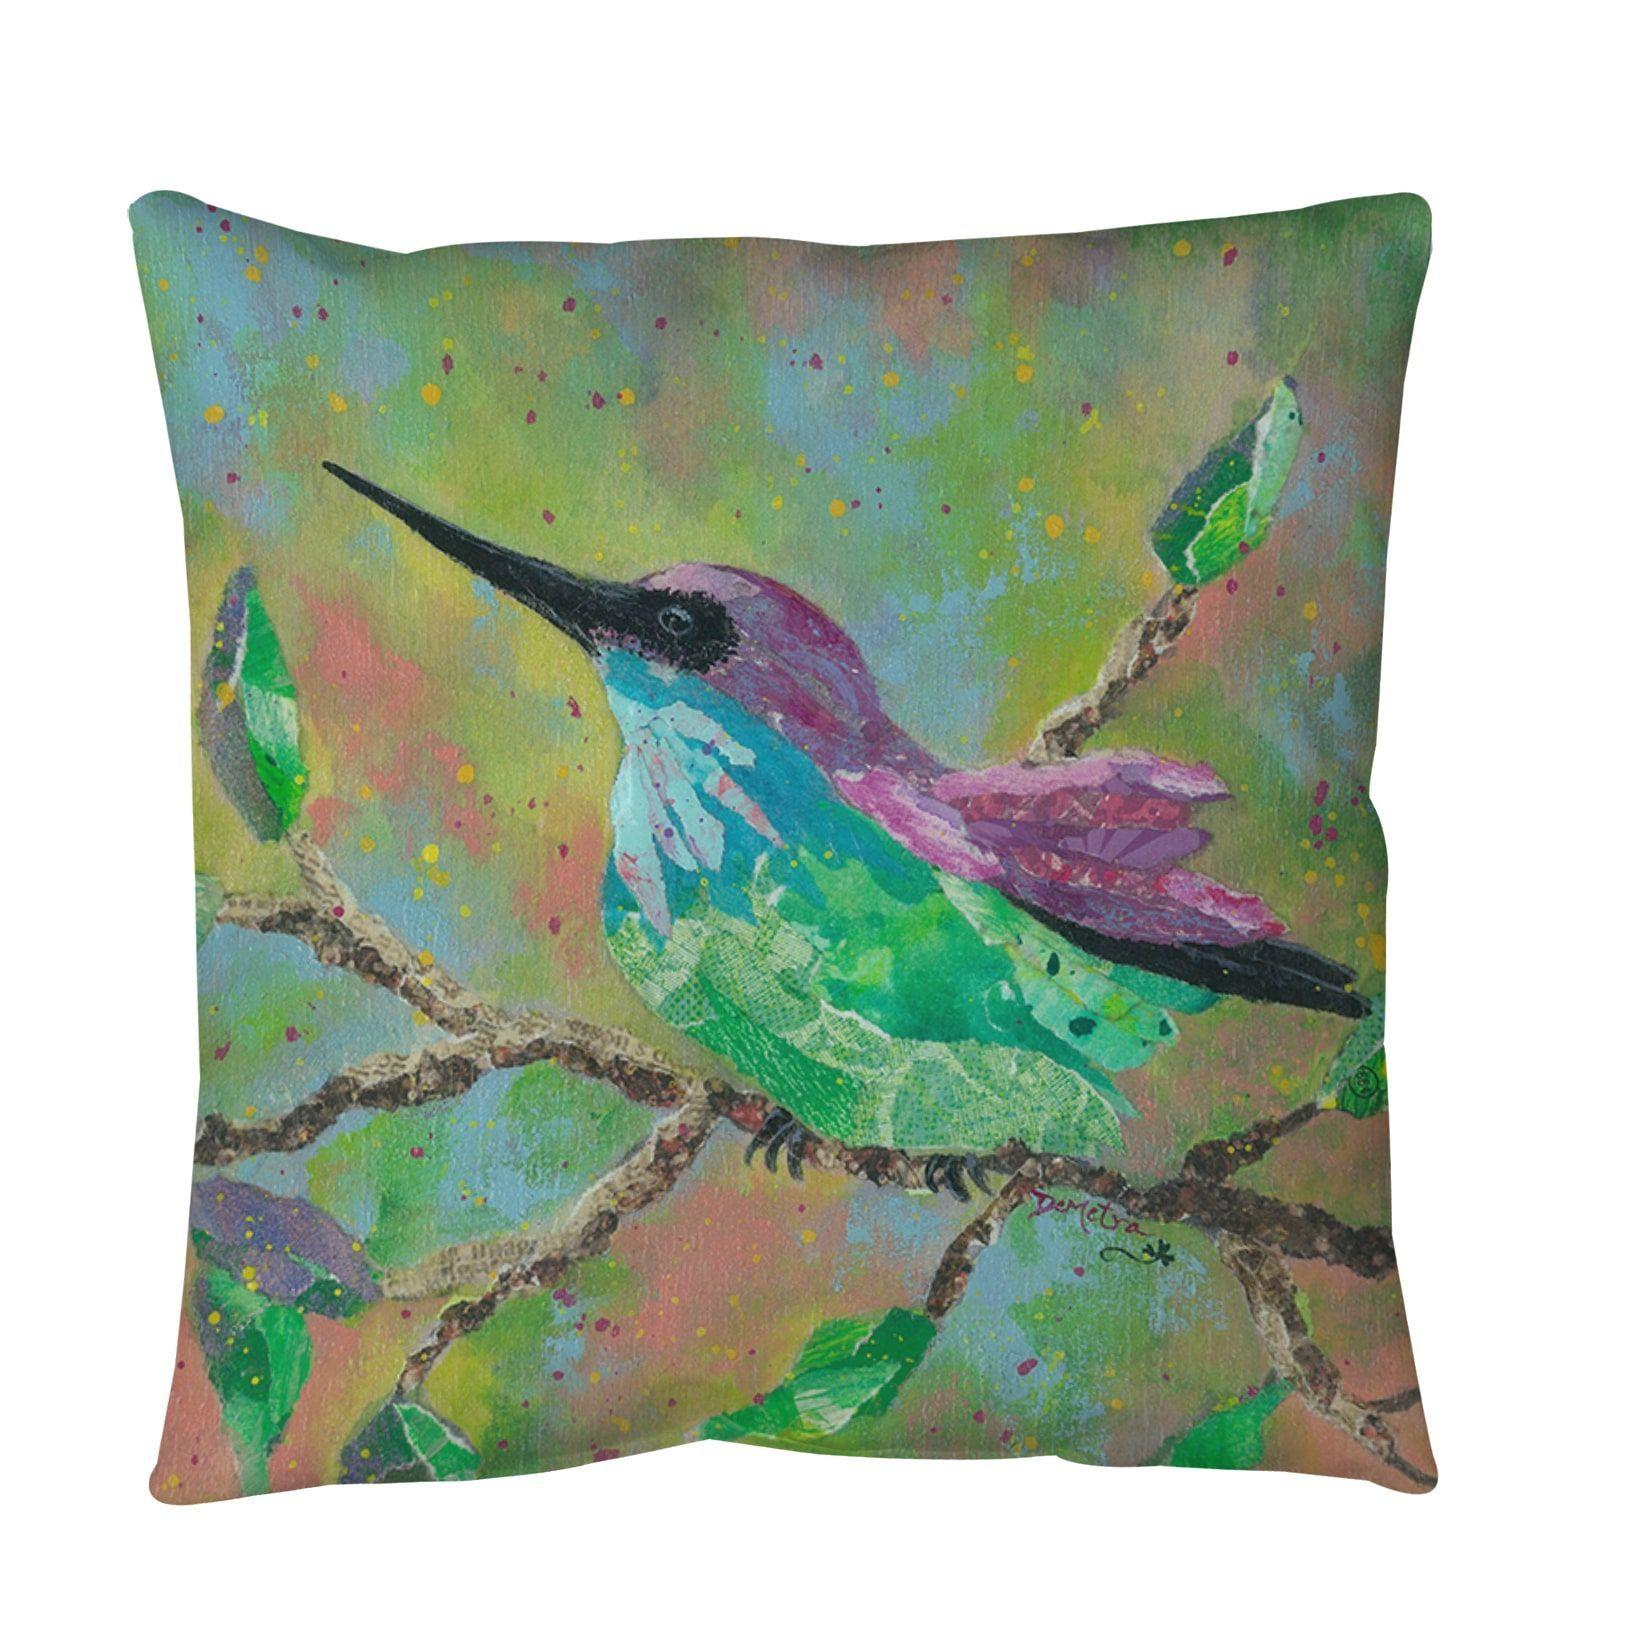 Weavers Hummingbird Throw Or Floor Pillow (36 Inch X 36